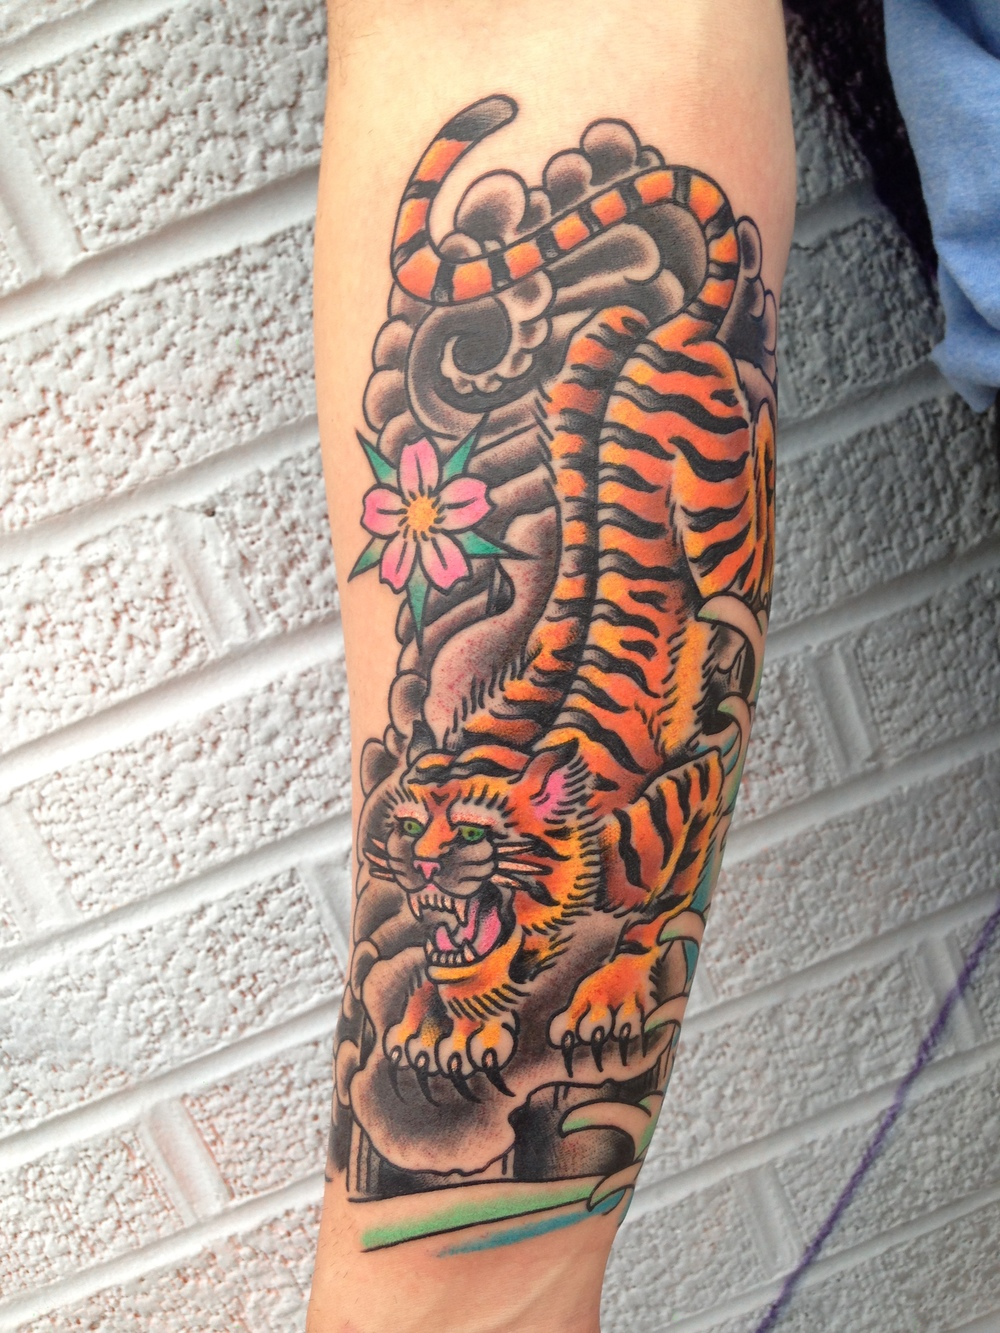 Kingpin Tattoo: Michael Williams